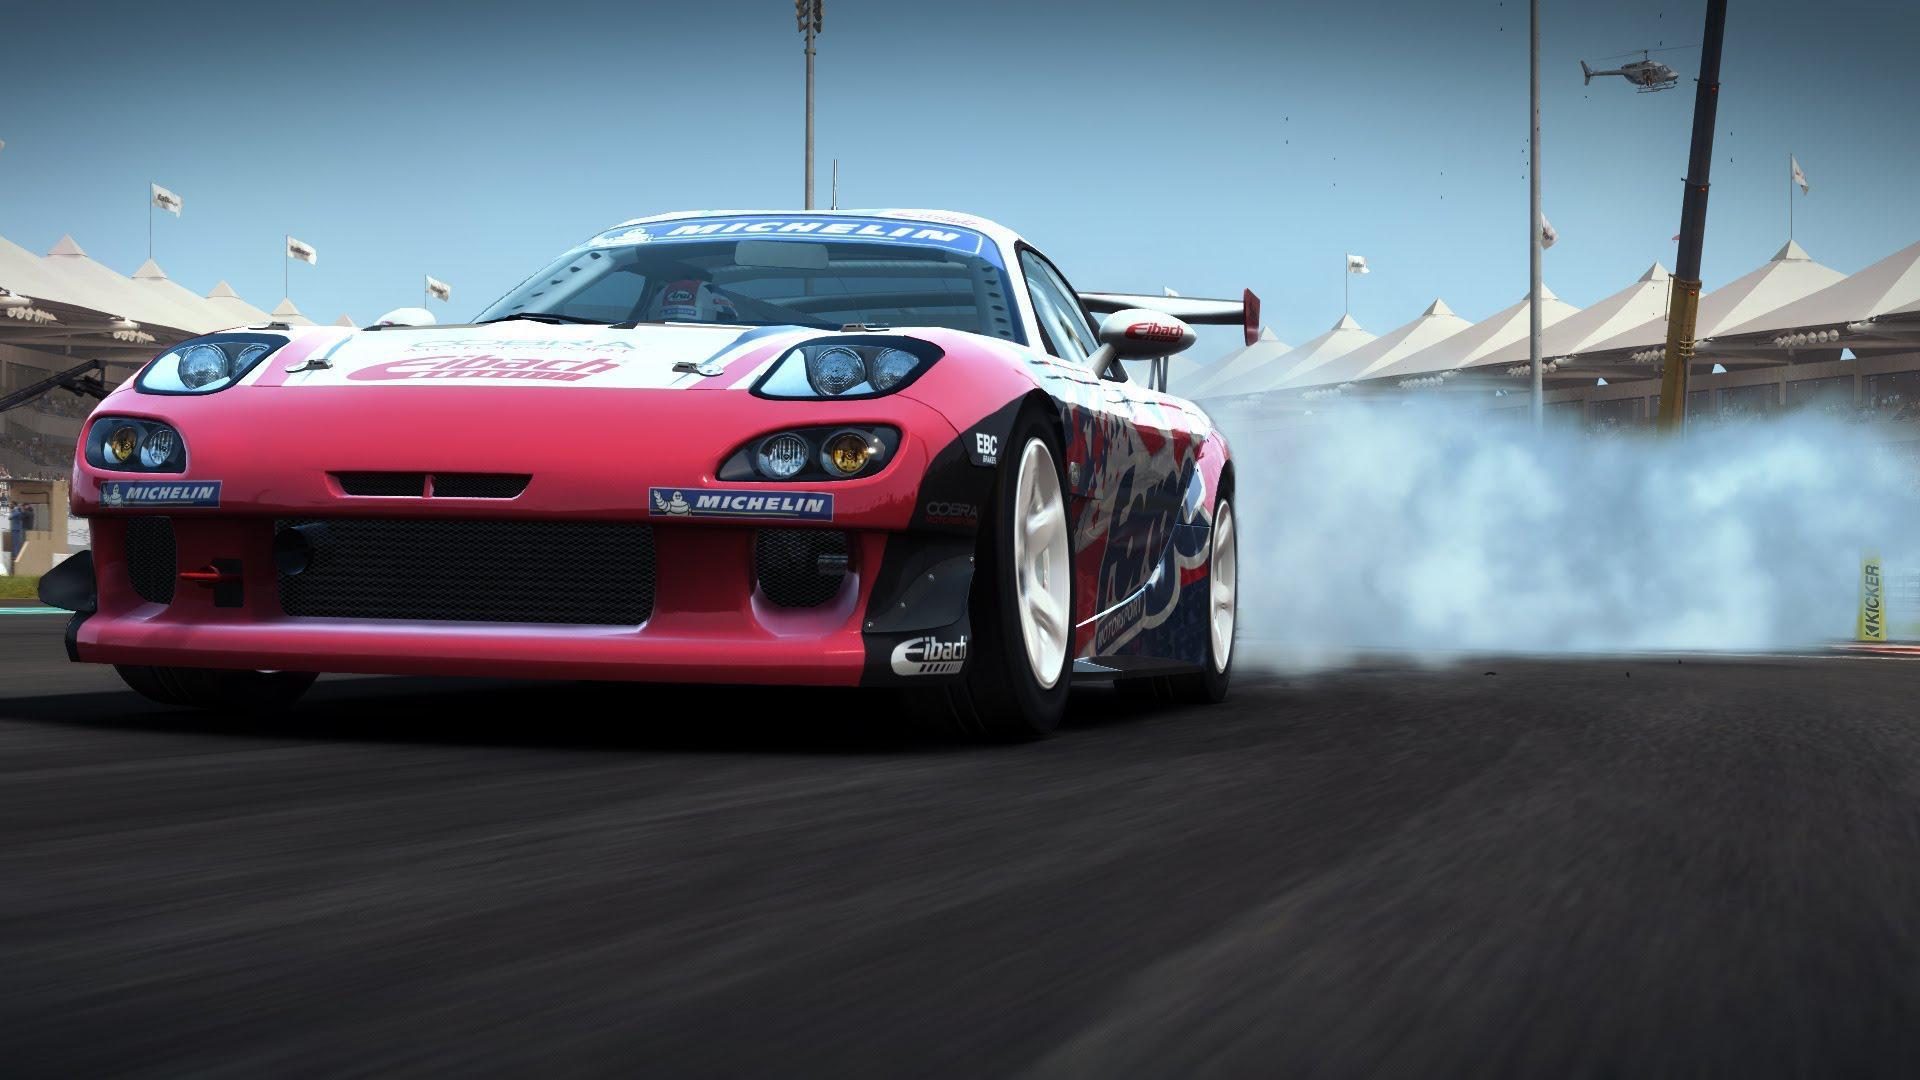 GRID Autosport primește trailer ce prezintă drifturile spectaculoase